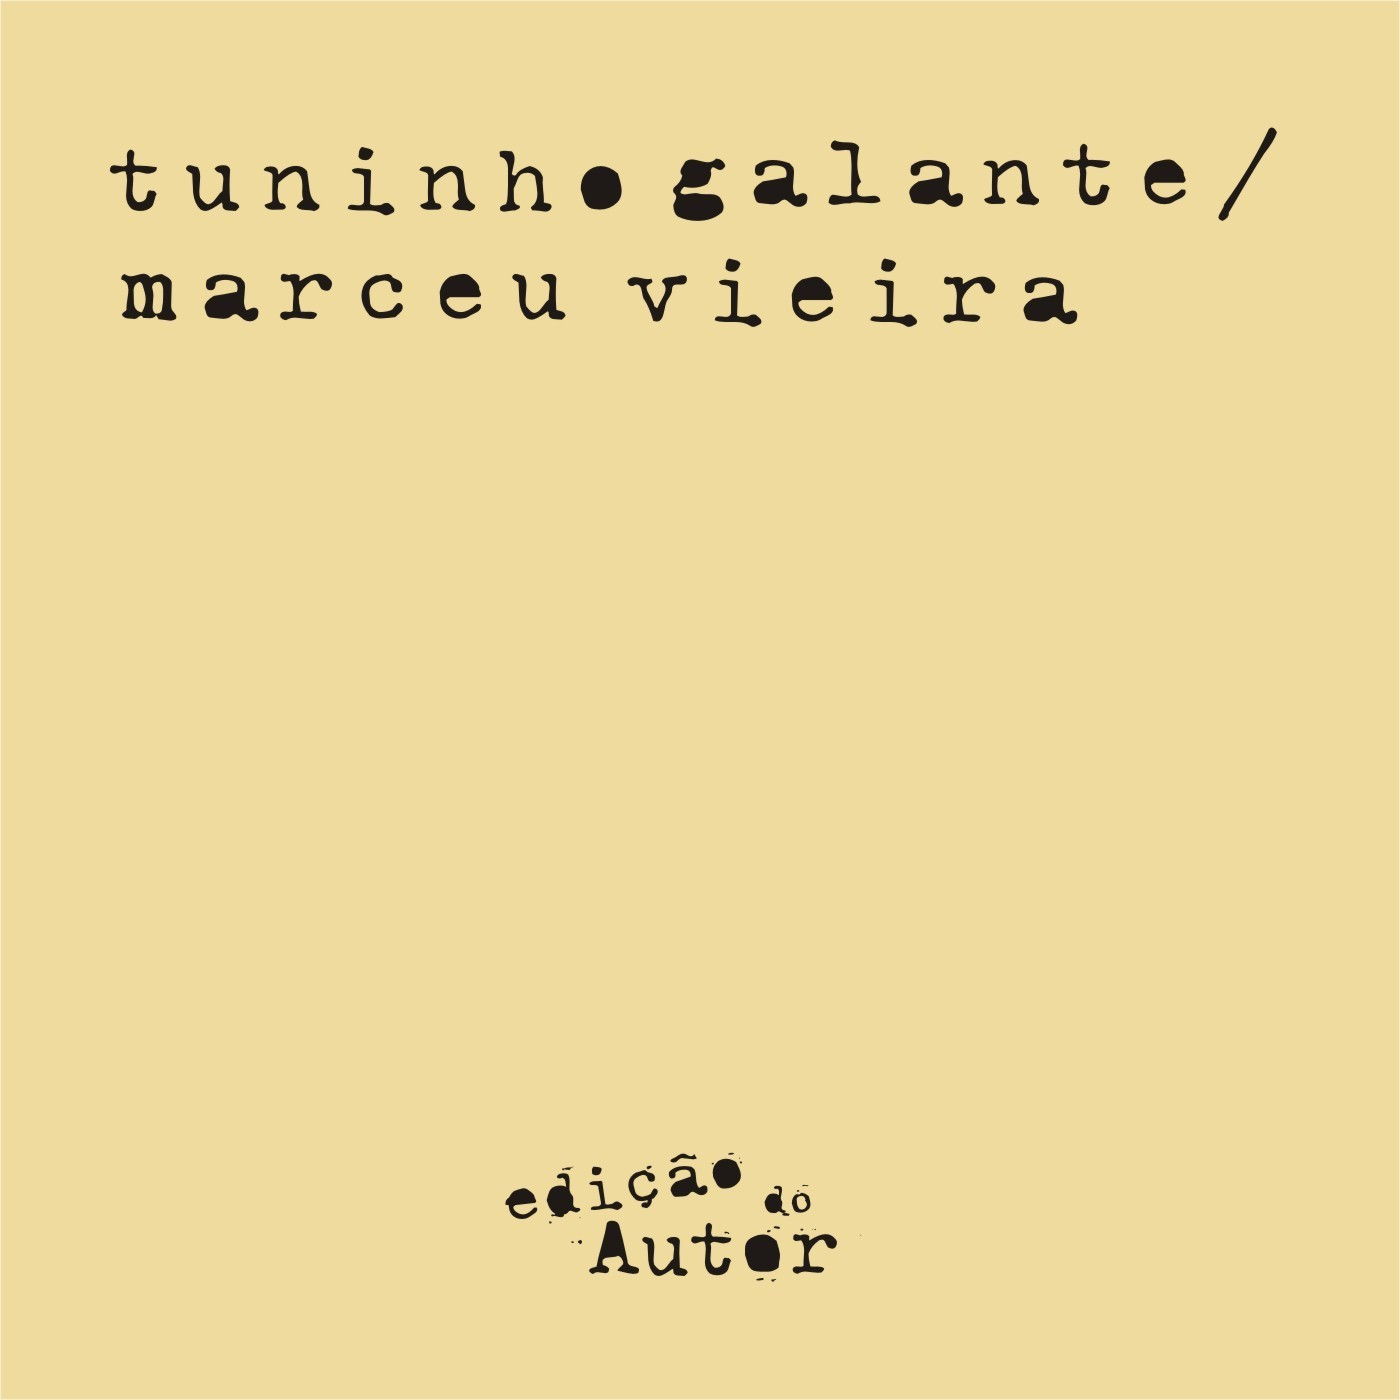 Novena de São Sebastião, de Tuninho Galante e Marceu Vieira